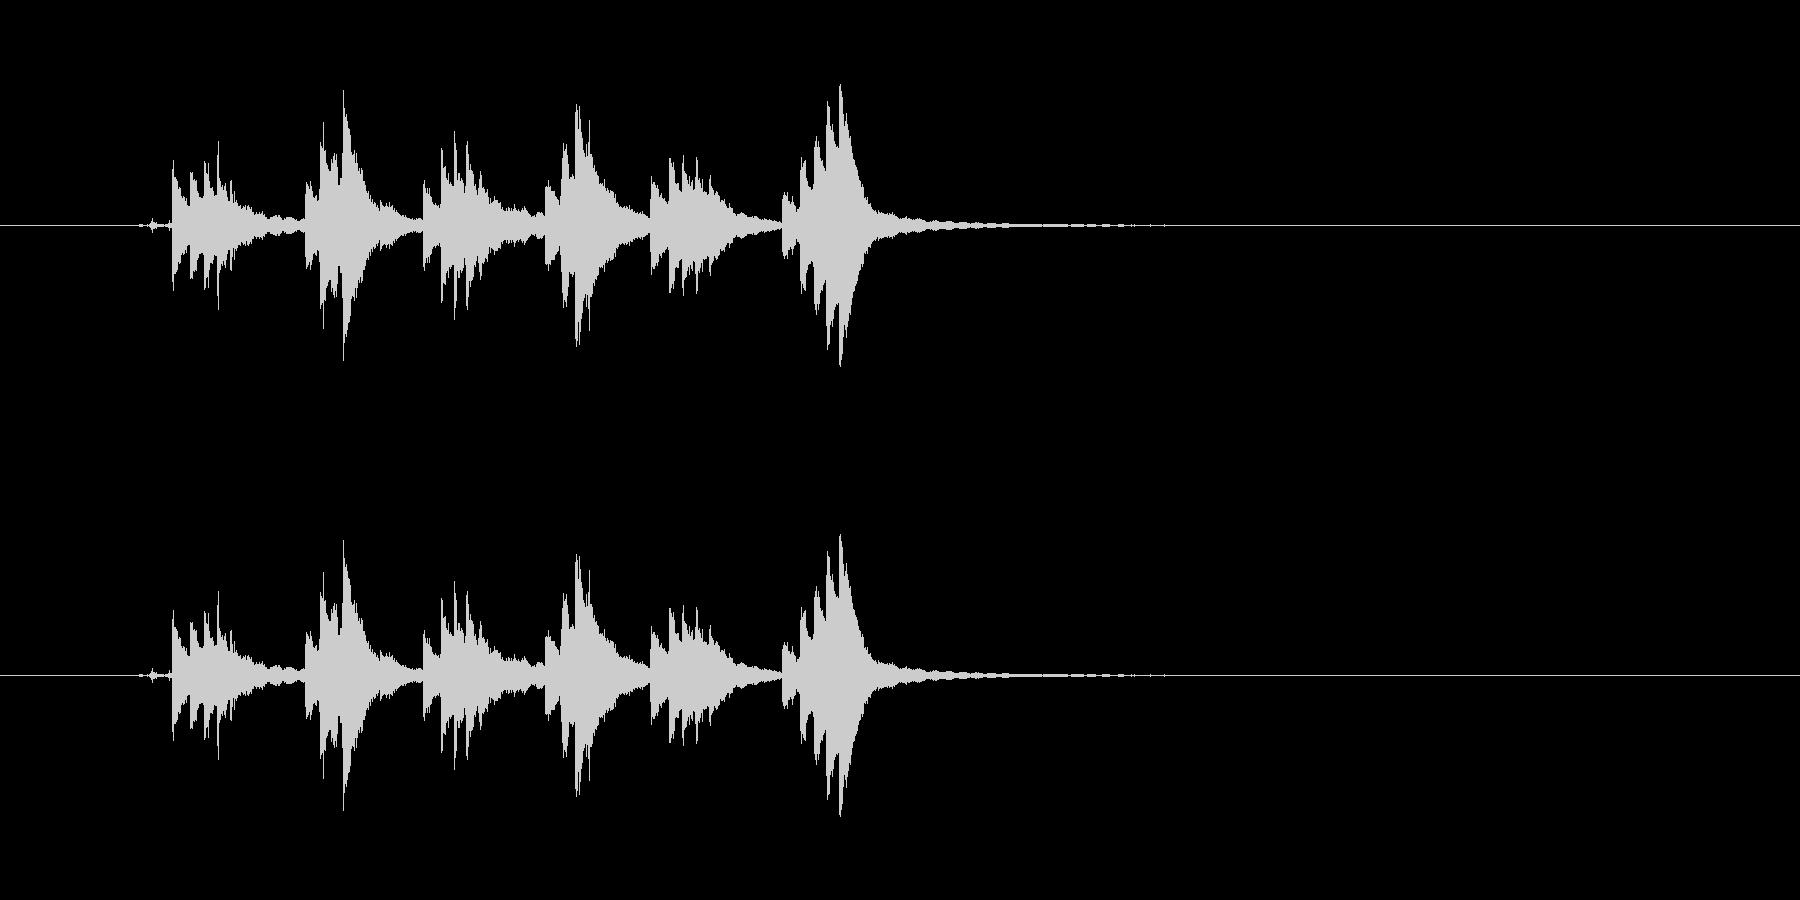 チリンチリンチリーン 自転車のベルの未再生の波形